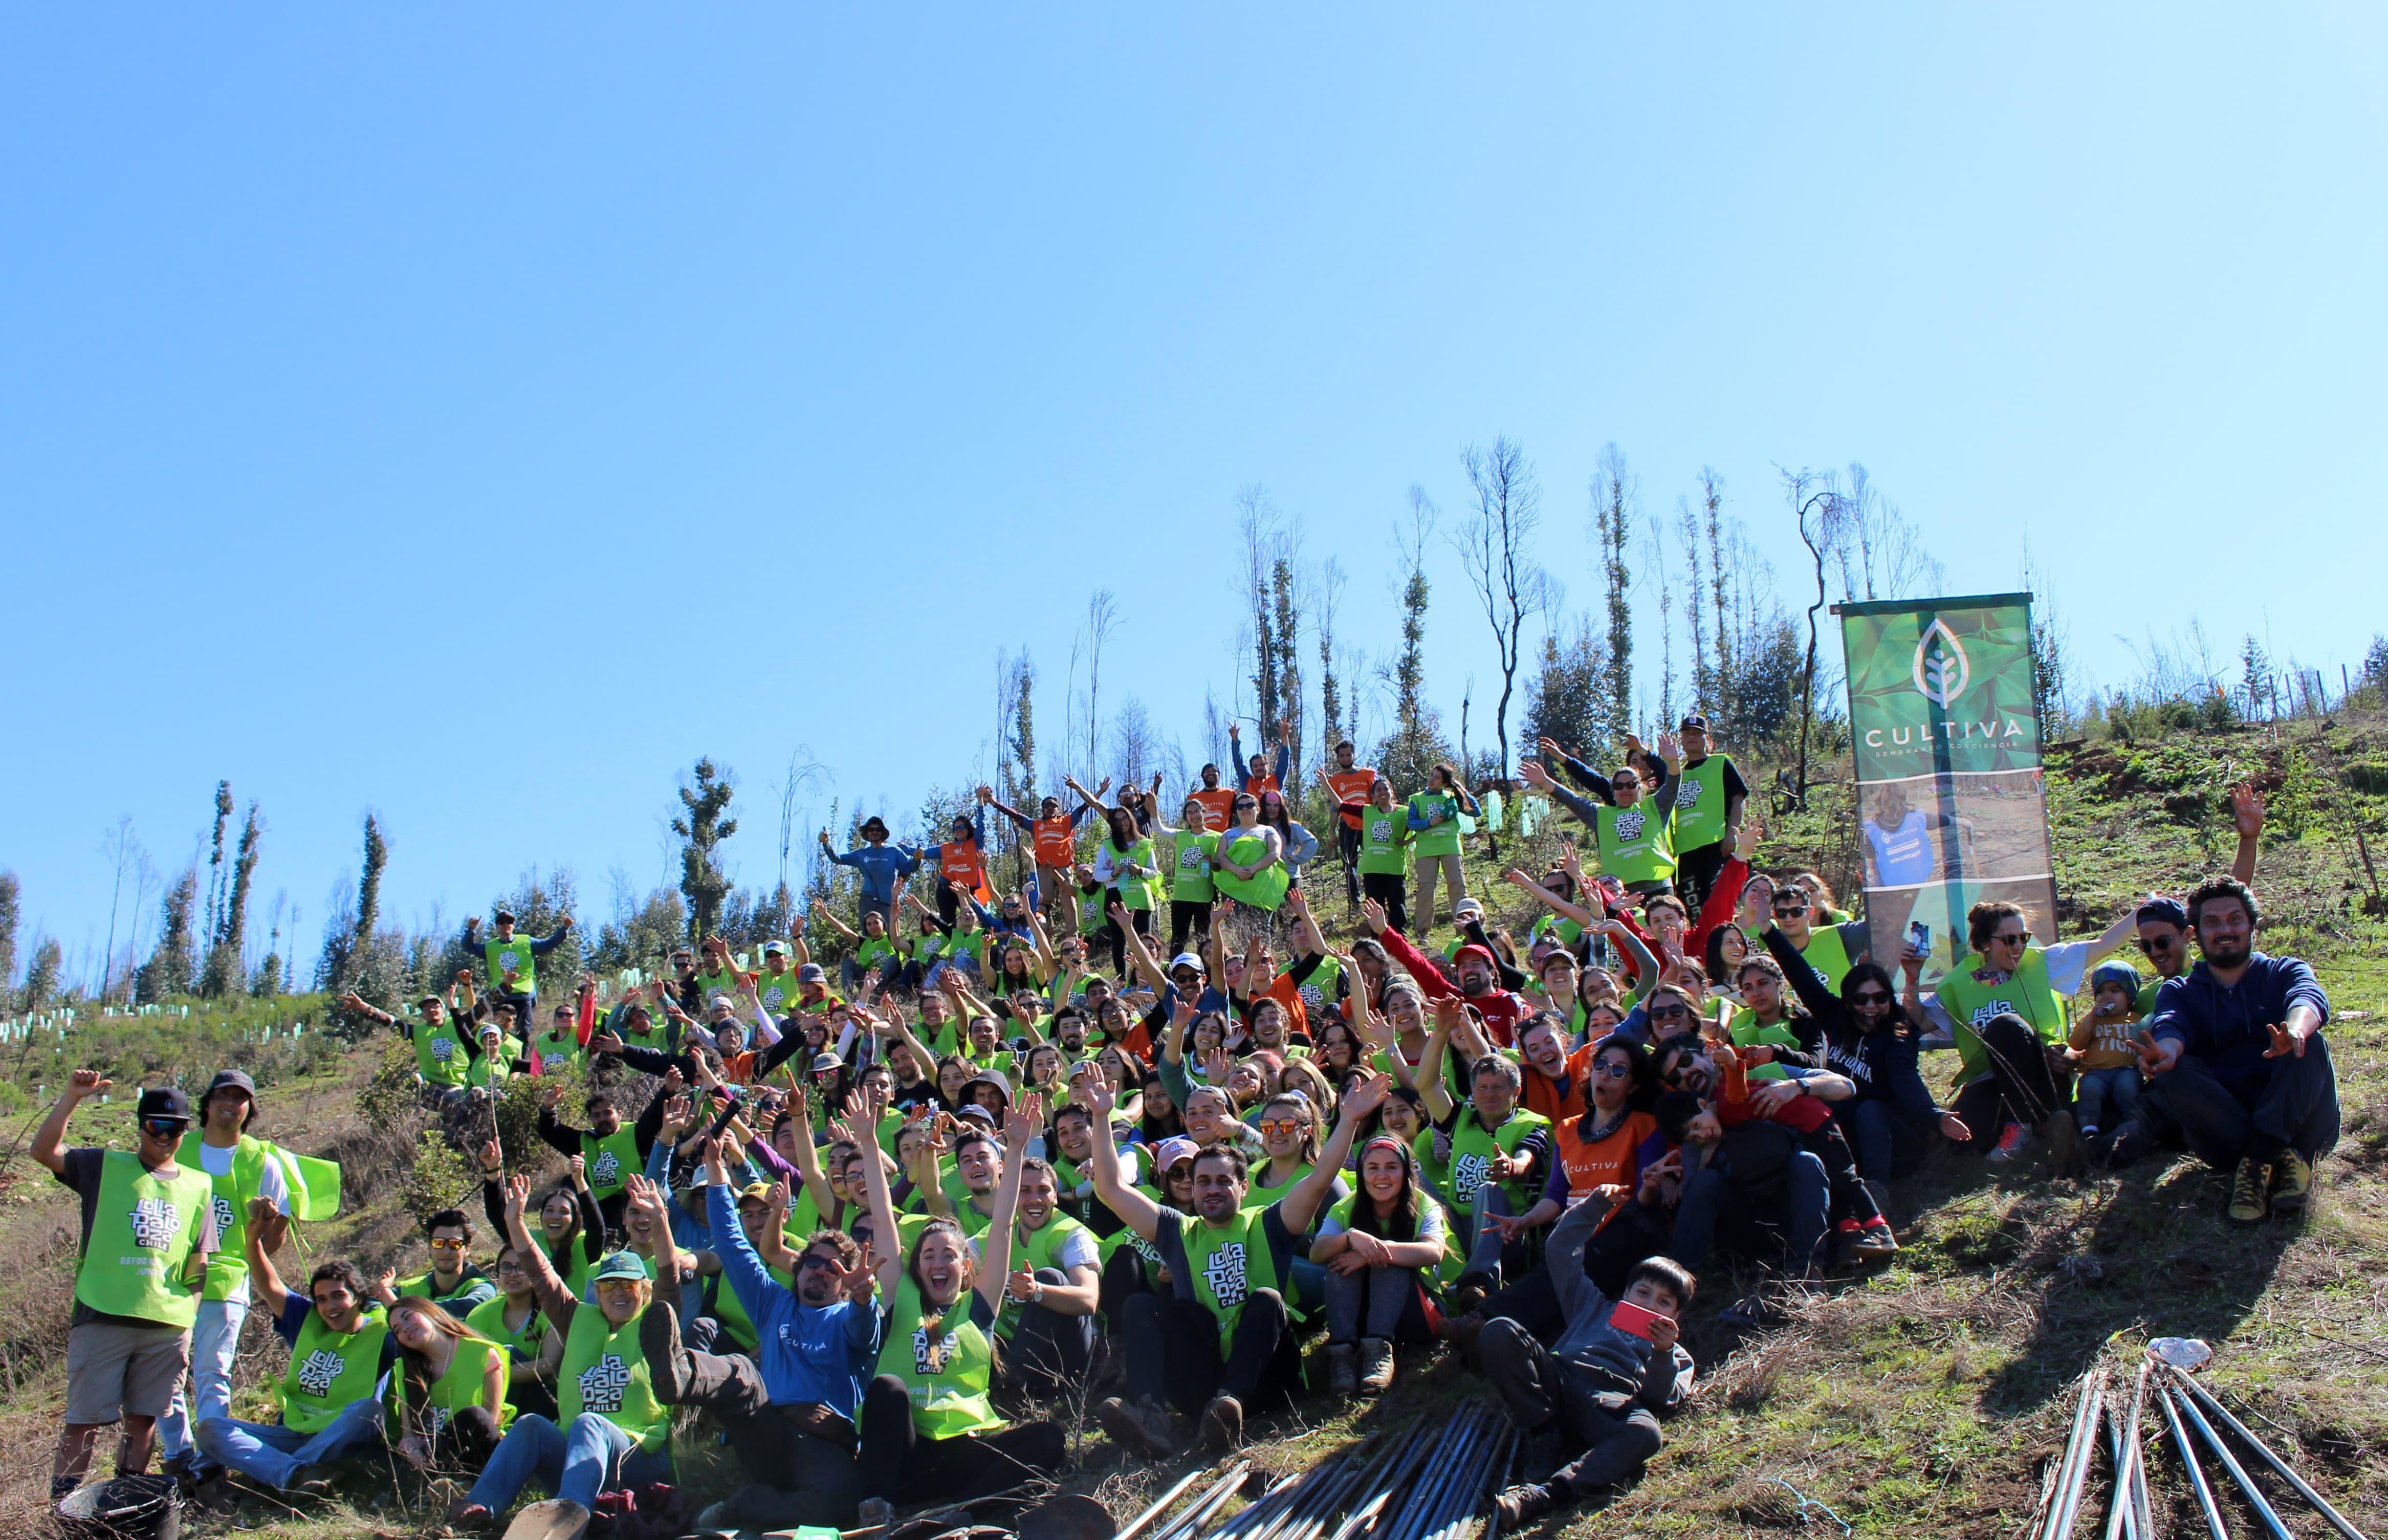 Voluntarios reforestan cinco hectáreas en la región del Maule tras recaudación de fondos en Lollapalooza